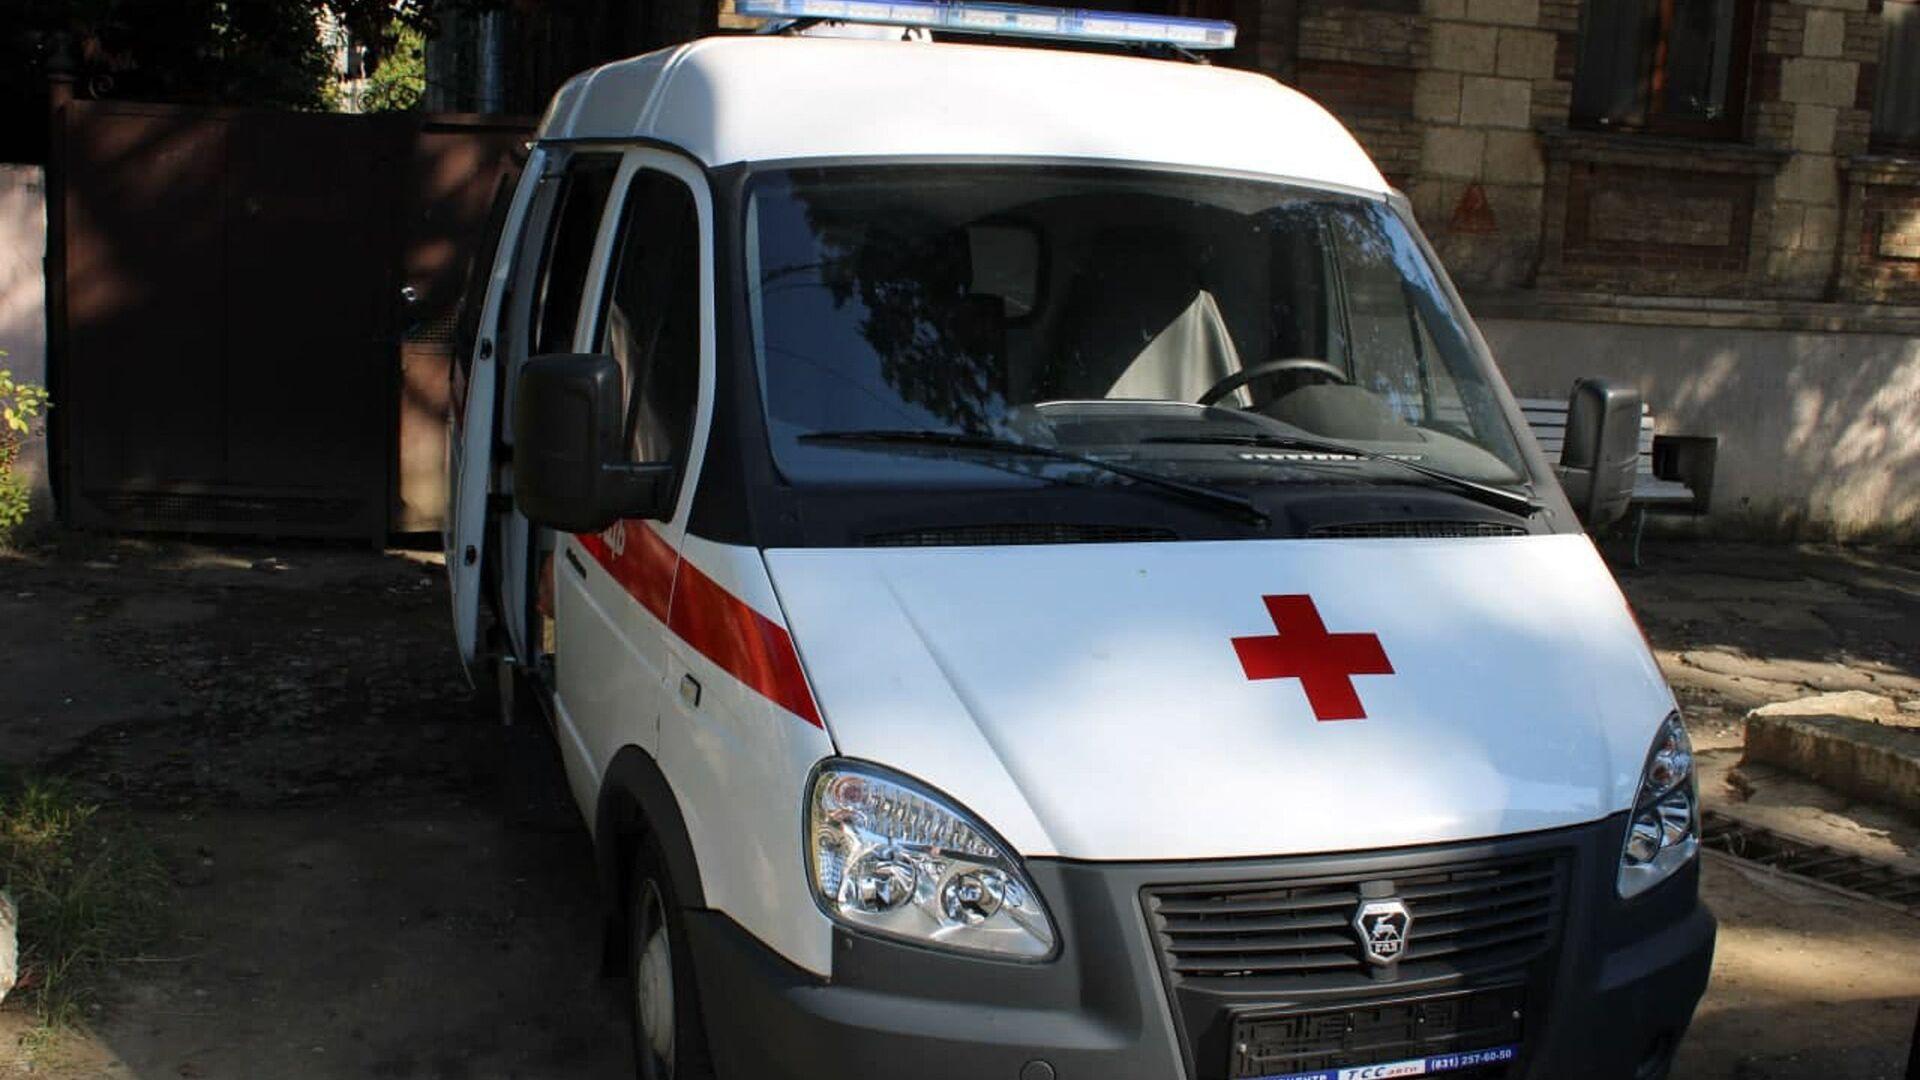 Два автомобиля Соболь переданы в распоряжение скорой медицинской помощи столицы  - Sputnik Абхазия, 1920, 11.10.2021